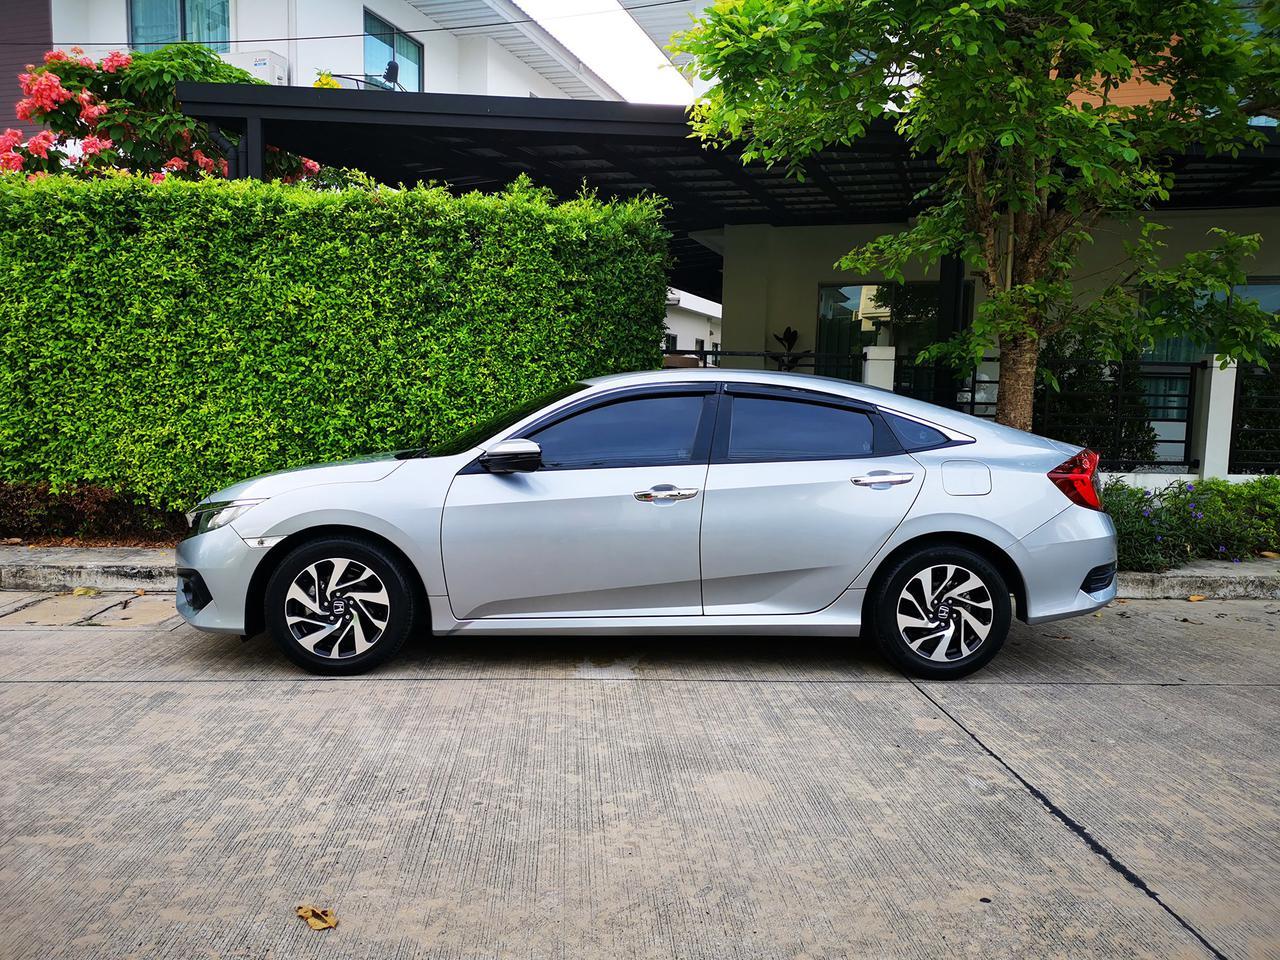 ขายรถ ฟรีดาวน์ Honda Civic รุ่นท๊อปสุด 1.8 EL ปี 2017 ไมล์แท้ เข้าศูนย์ตลอด มือเดียวจากป้ายแดง รูปที่ 3